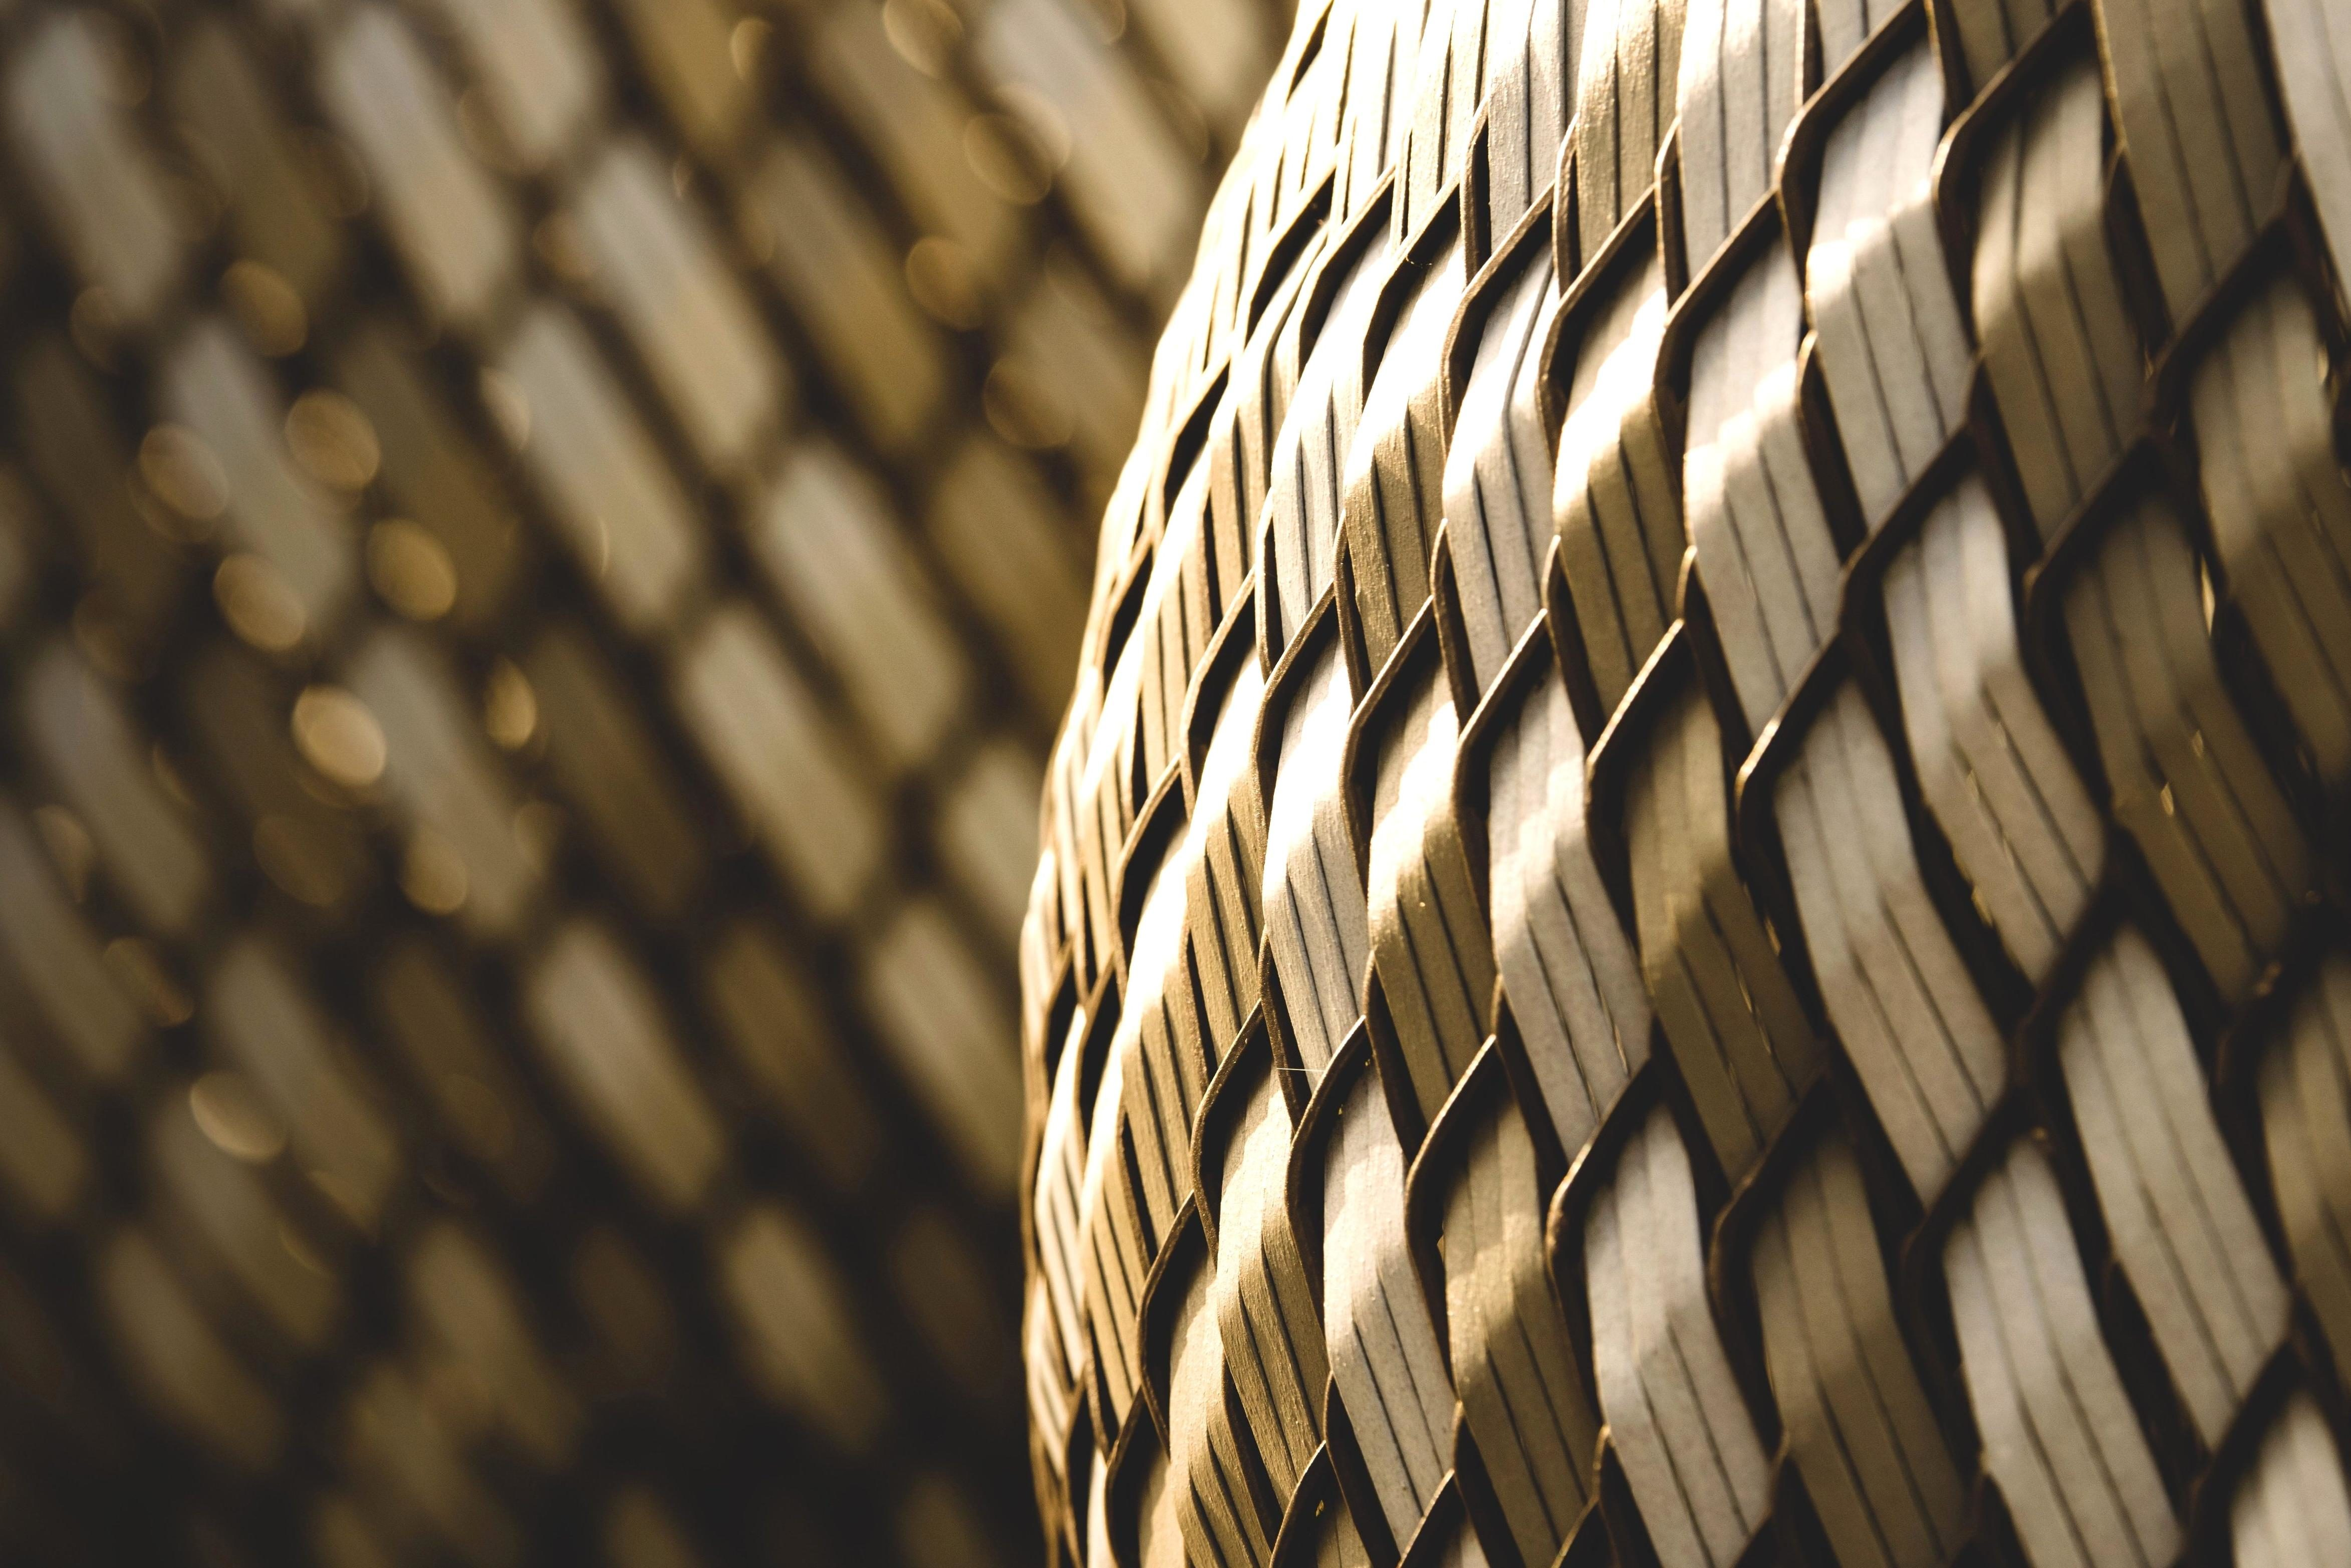 Kostenlose Bild: Weidenkorb, abstrakt, Muster, Holz, Hintergrund